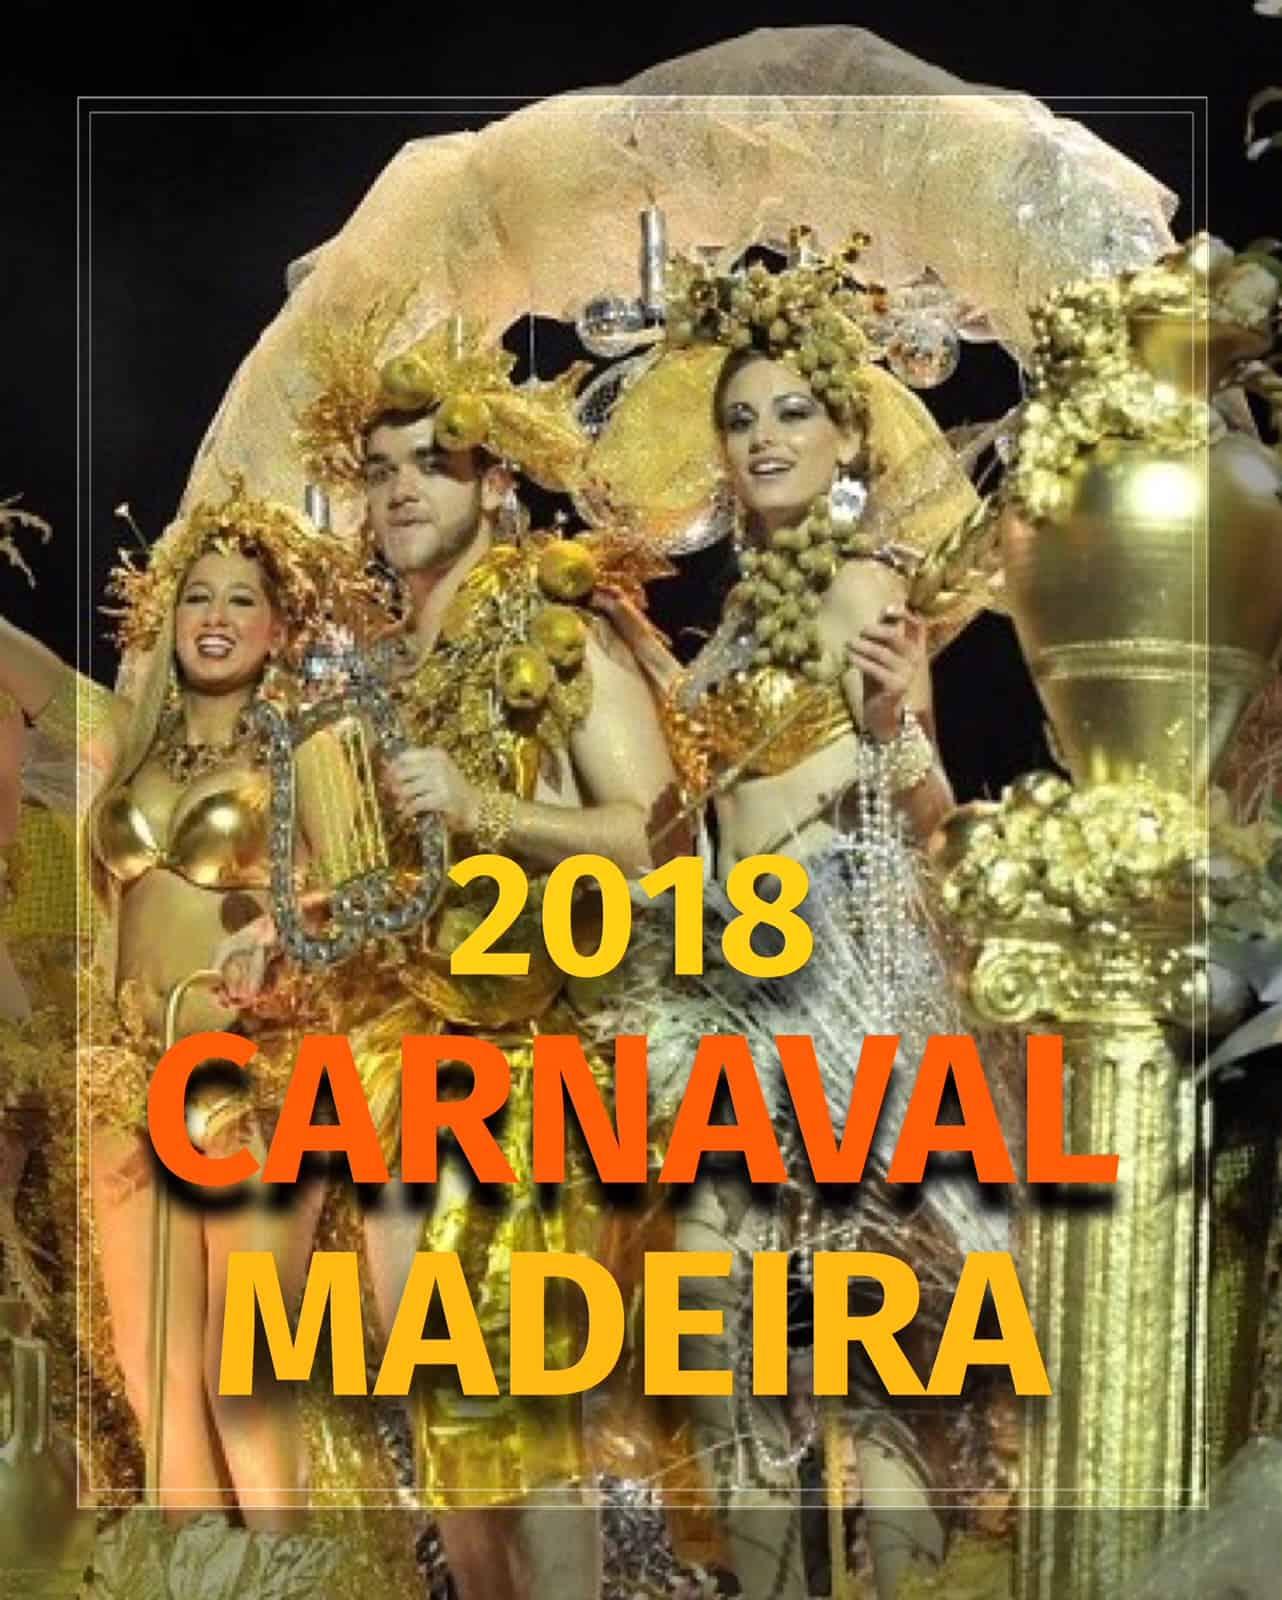 CARNAVAL DA MADEIRA 2018 | PROGRAMA GERAL